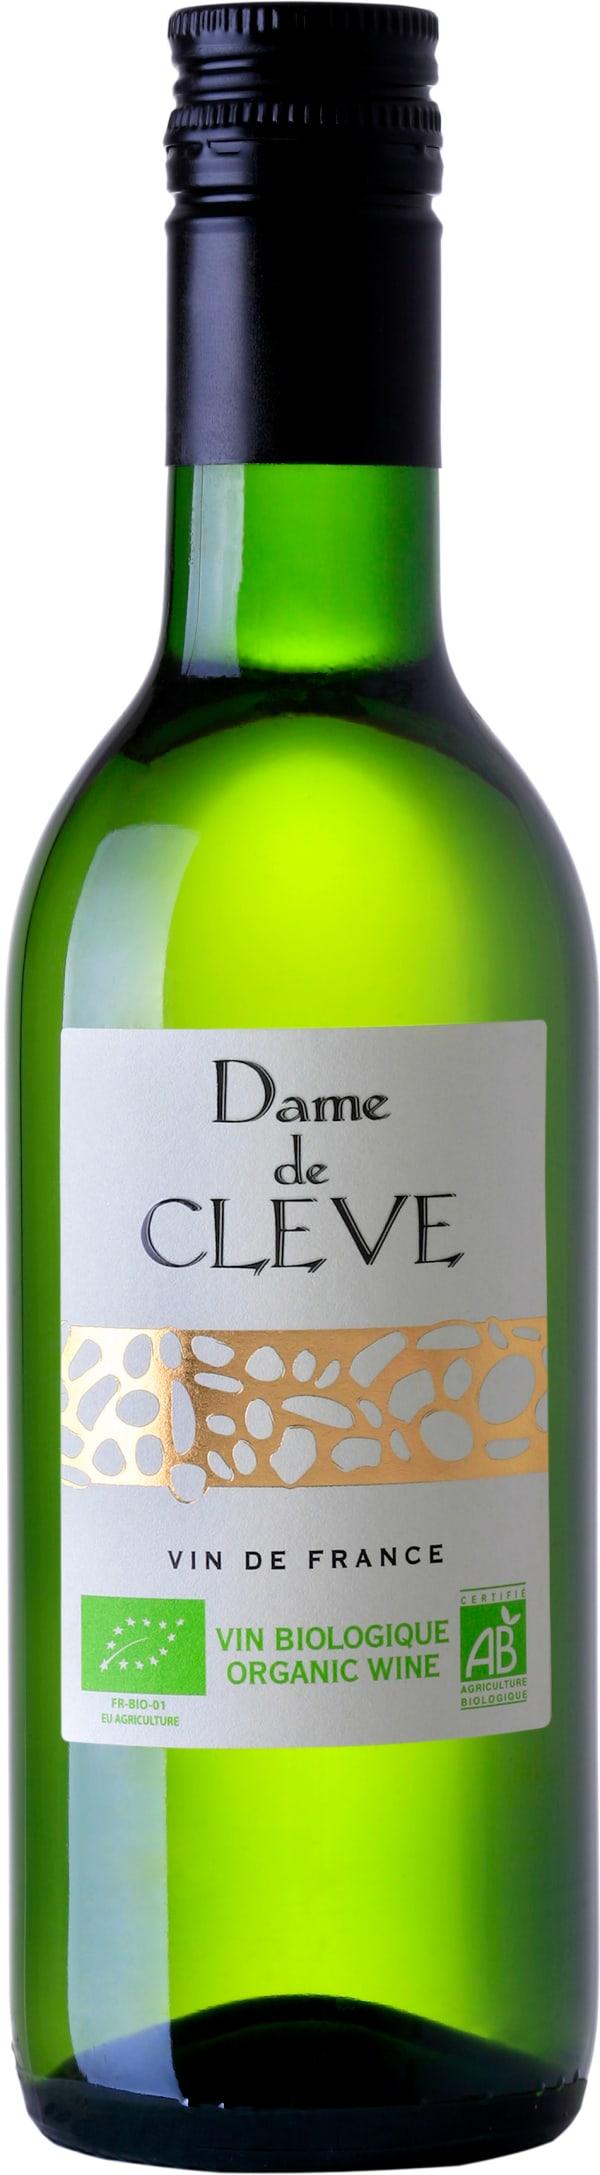 Dame de Cleve Blanc